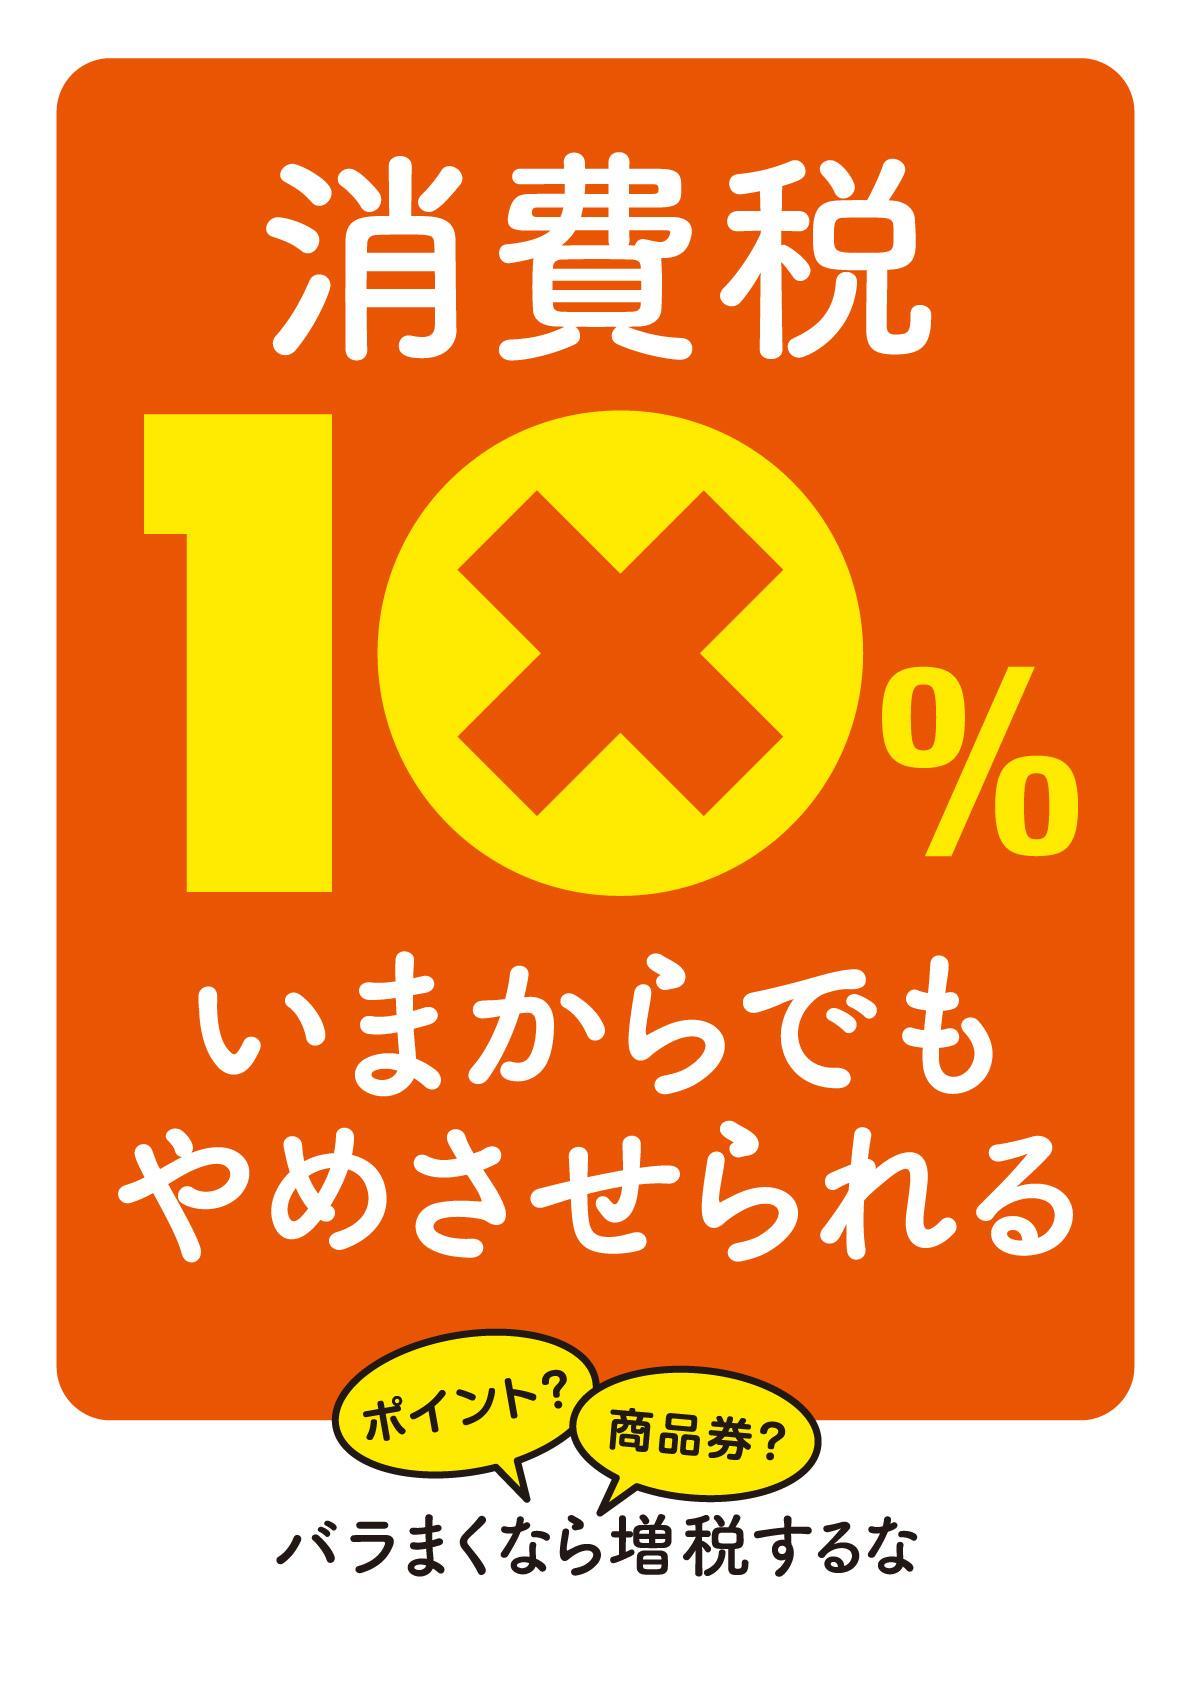 消費税10%いまからでもやめさせられる